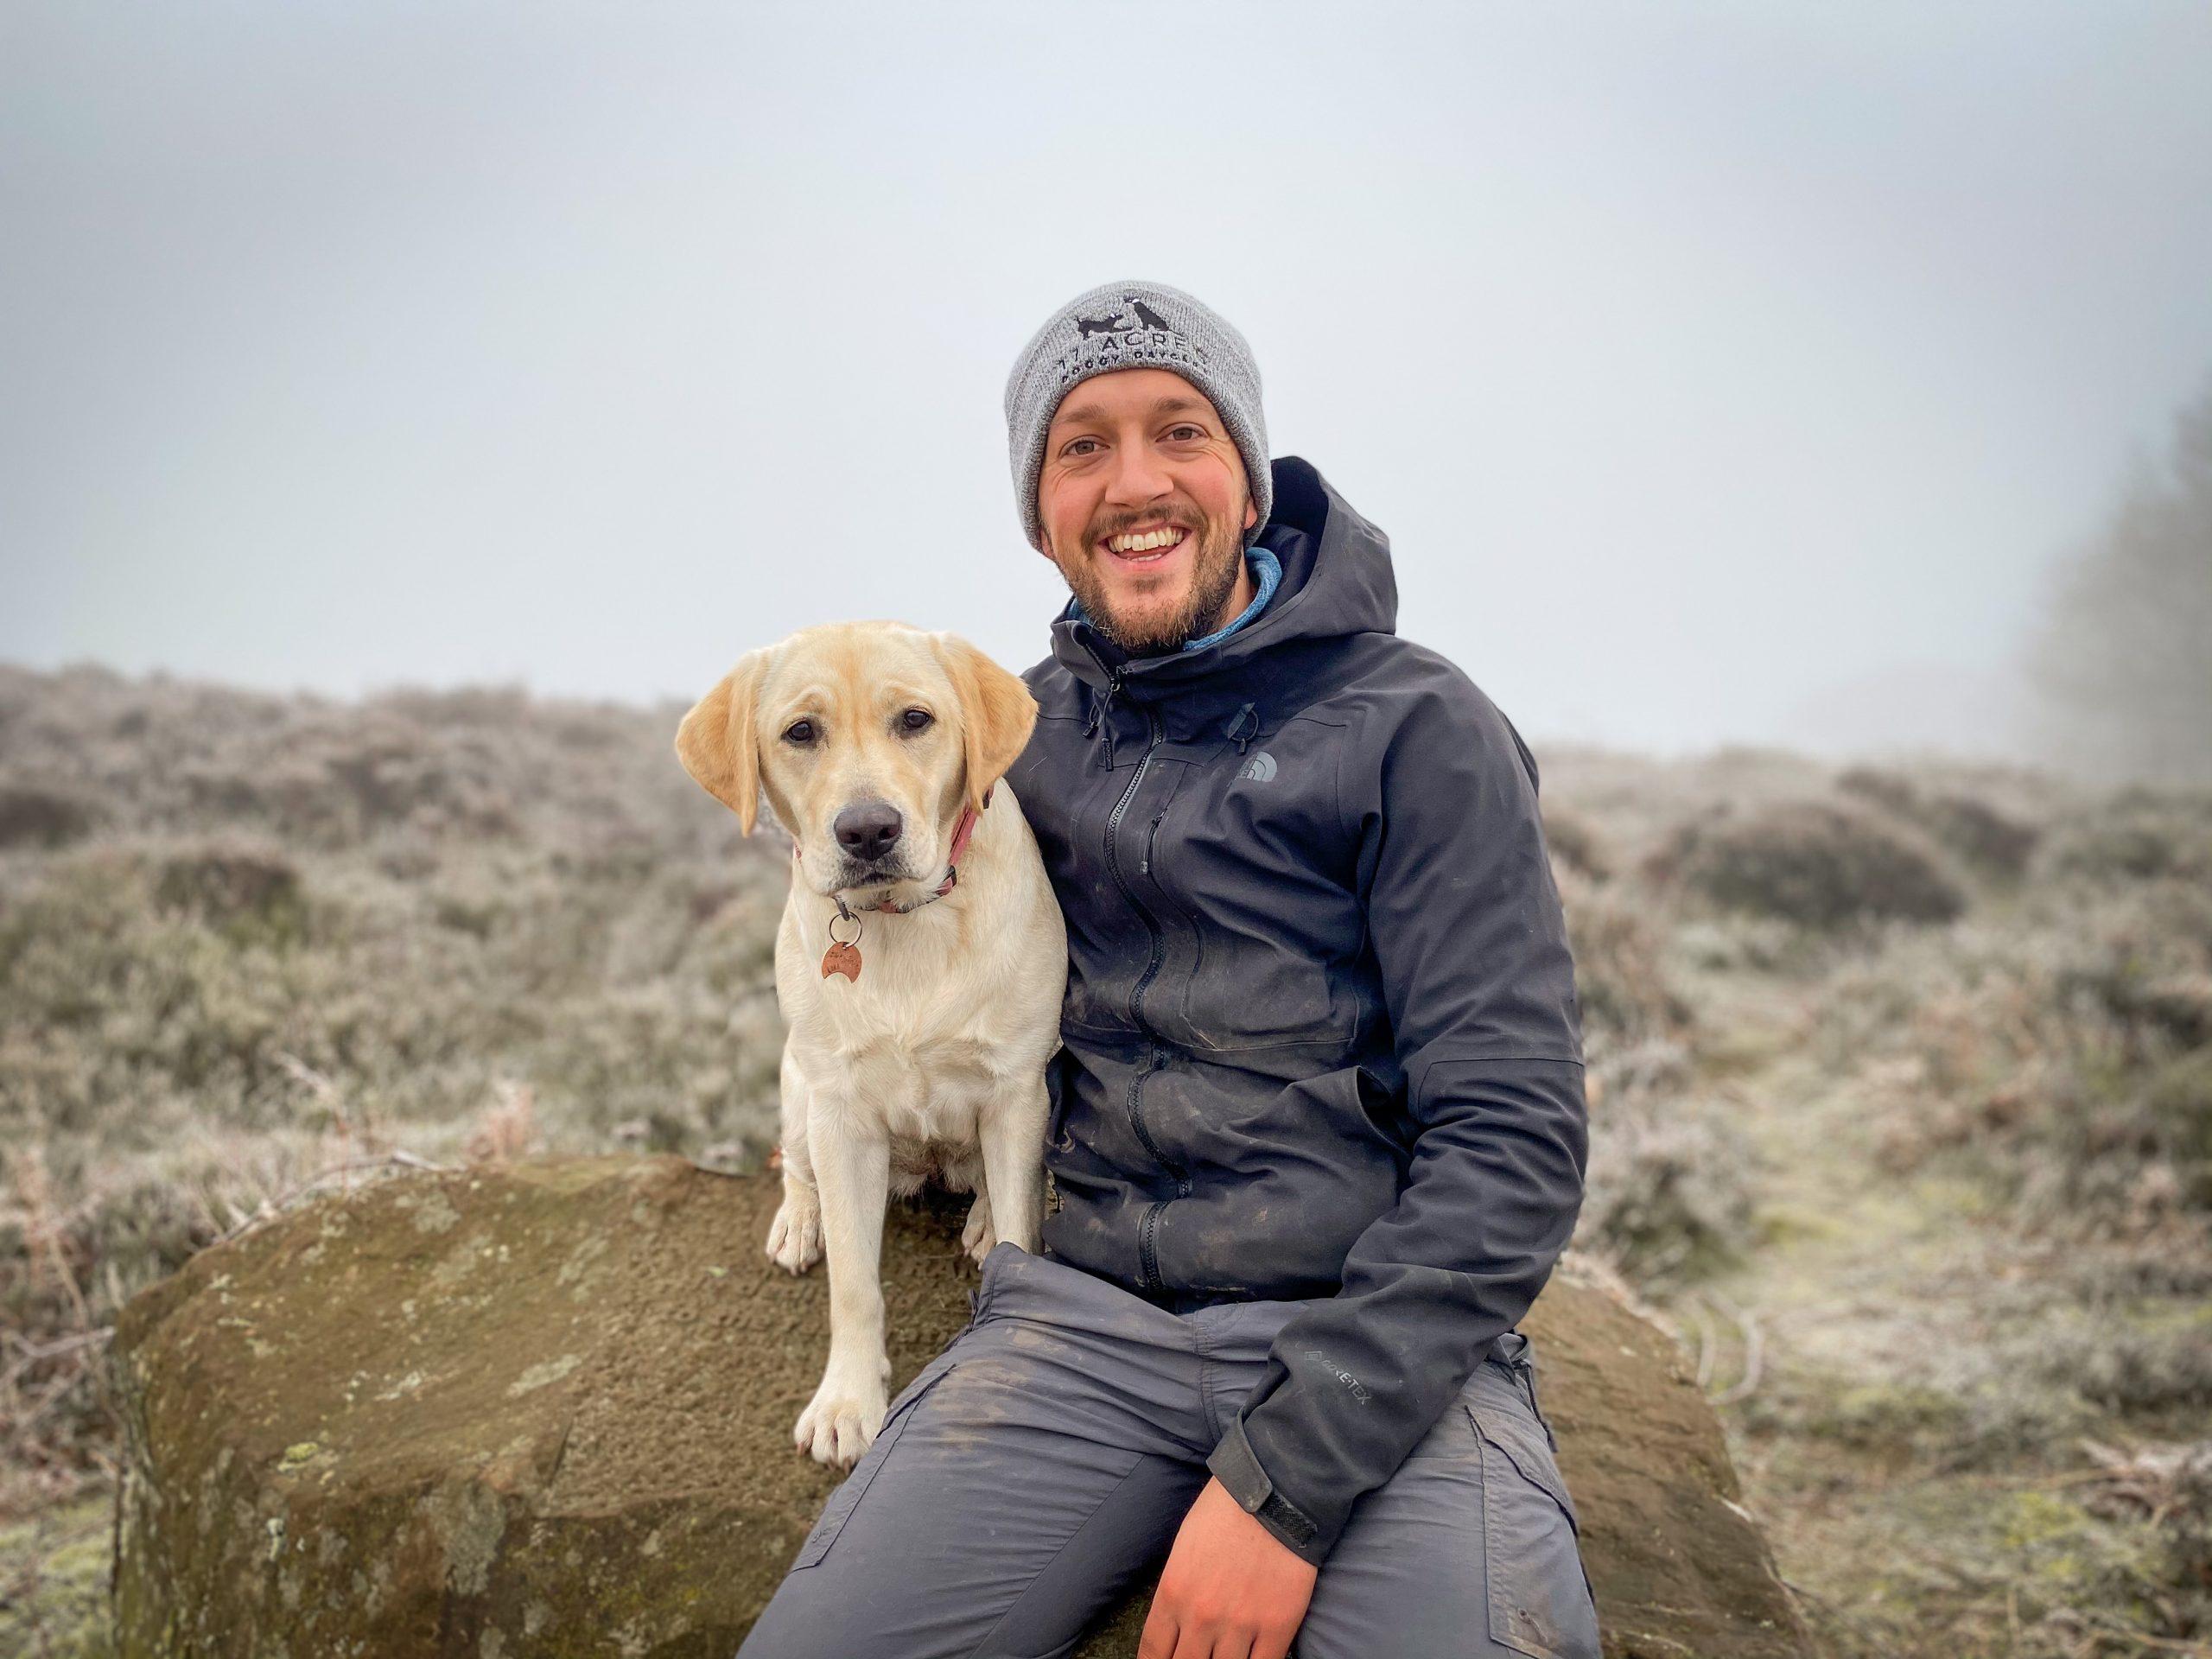 Dog Daycare Walks Labrador Retriever.jpg